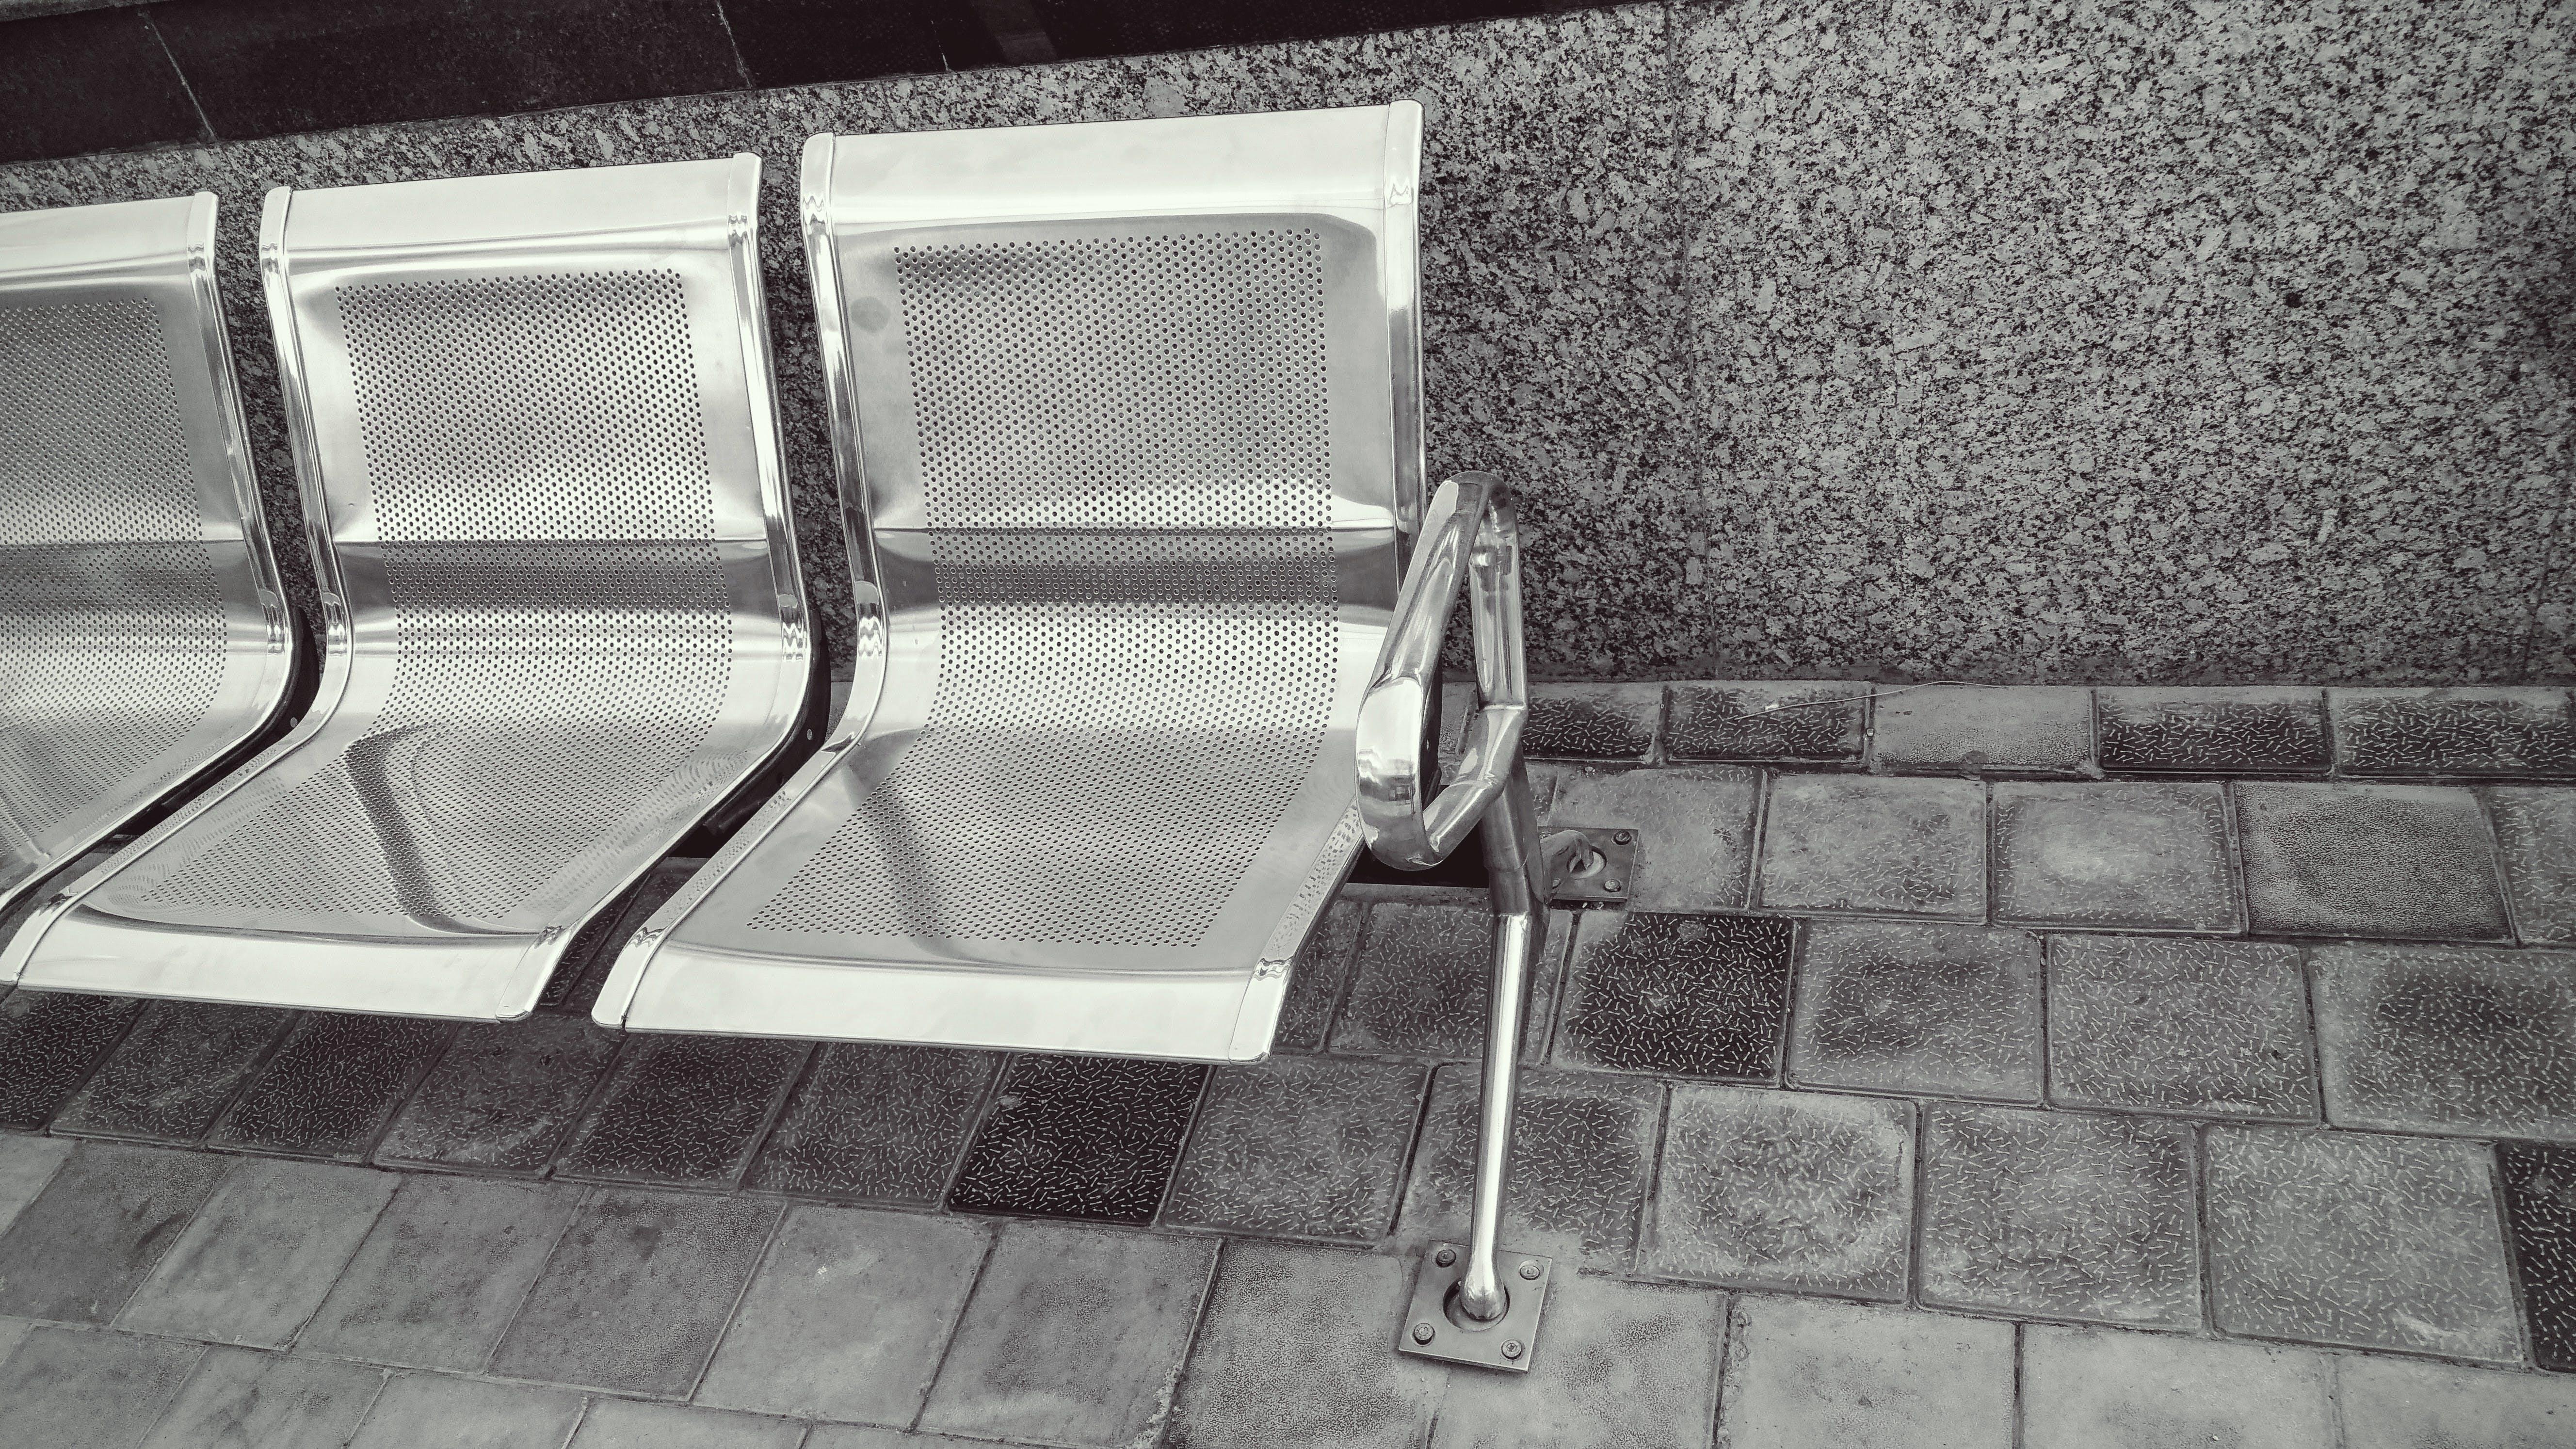 Δωρεάν στοκ φωτογραφιών με αδειάζω, ανοξείδωτο ατσάλι, ατσάλι, ατσάλινη κατασκευή